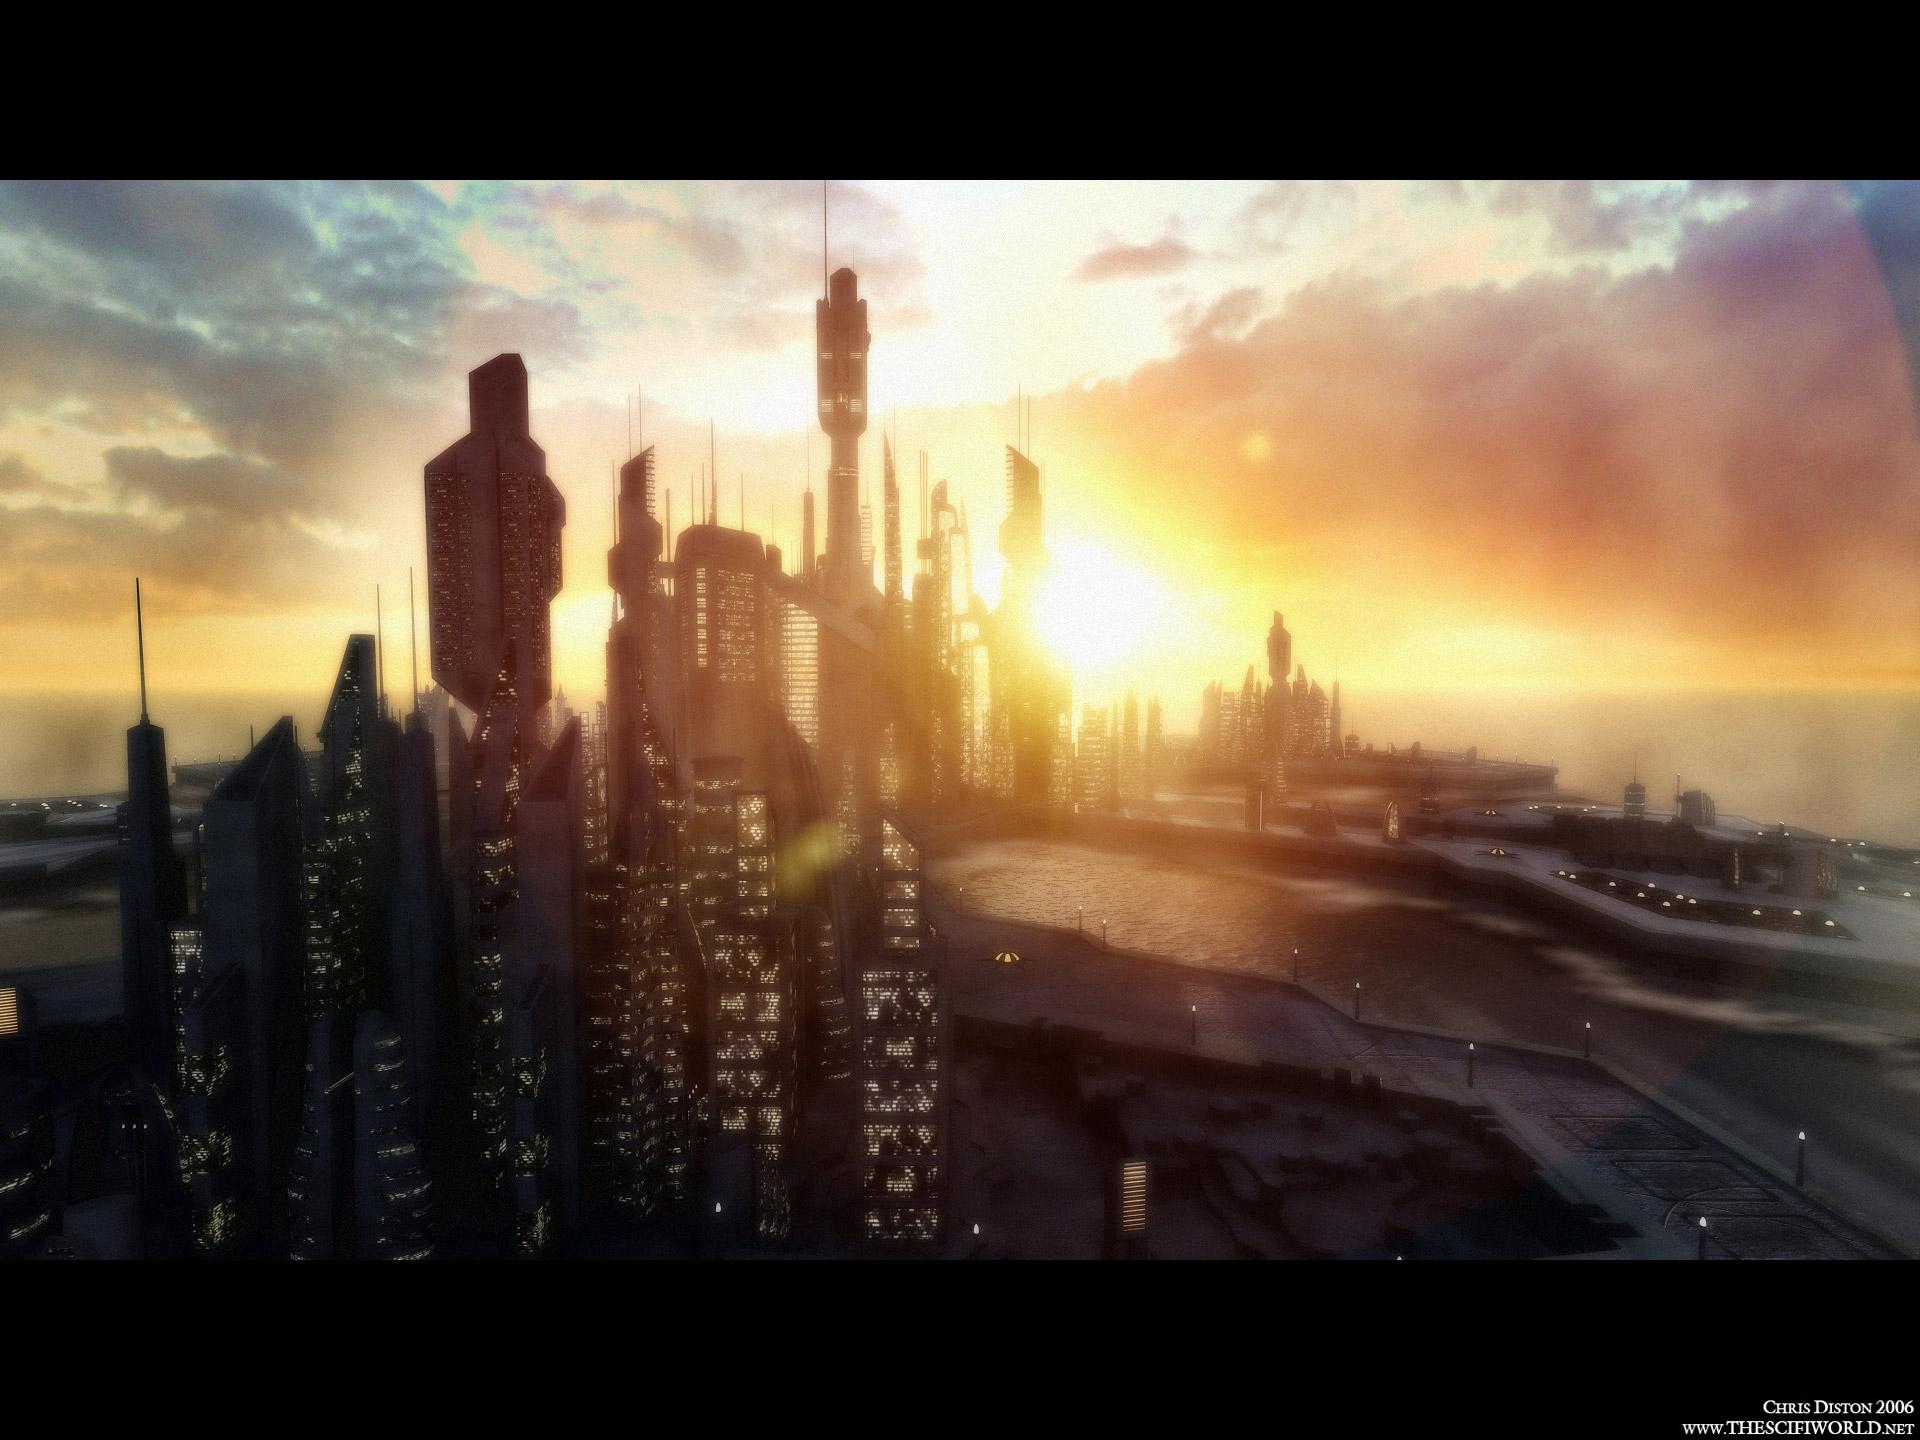 Televisieprogramma - Stargate  Achtergrond